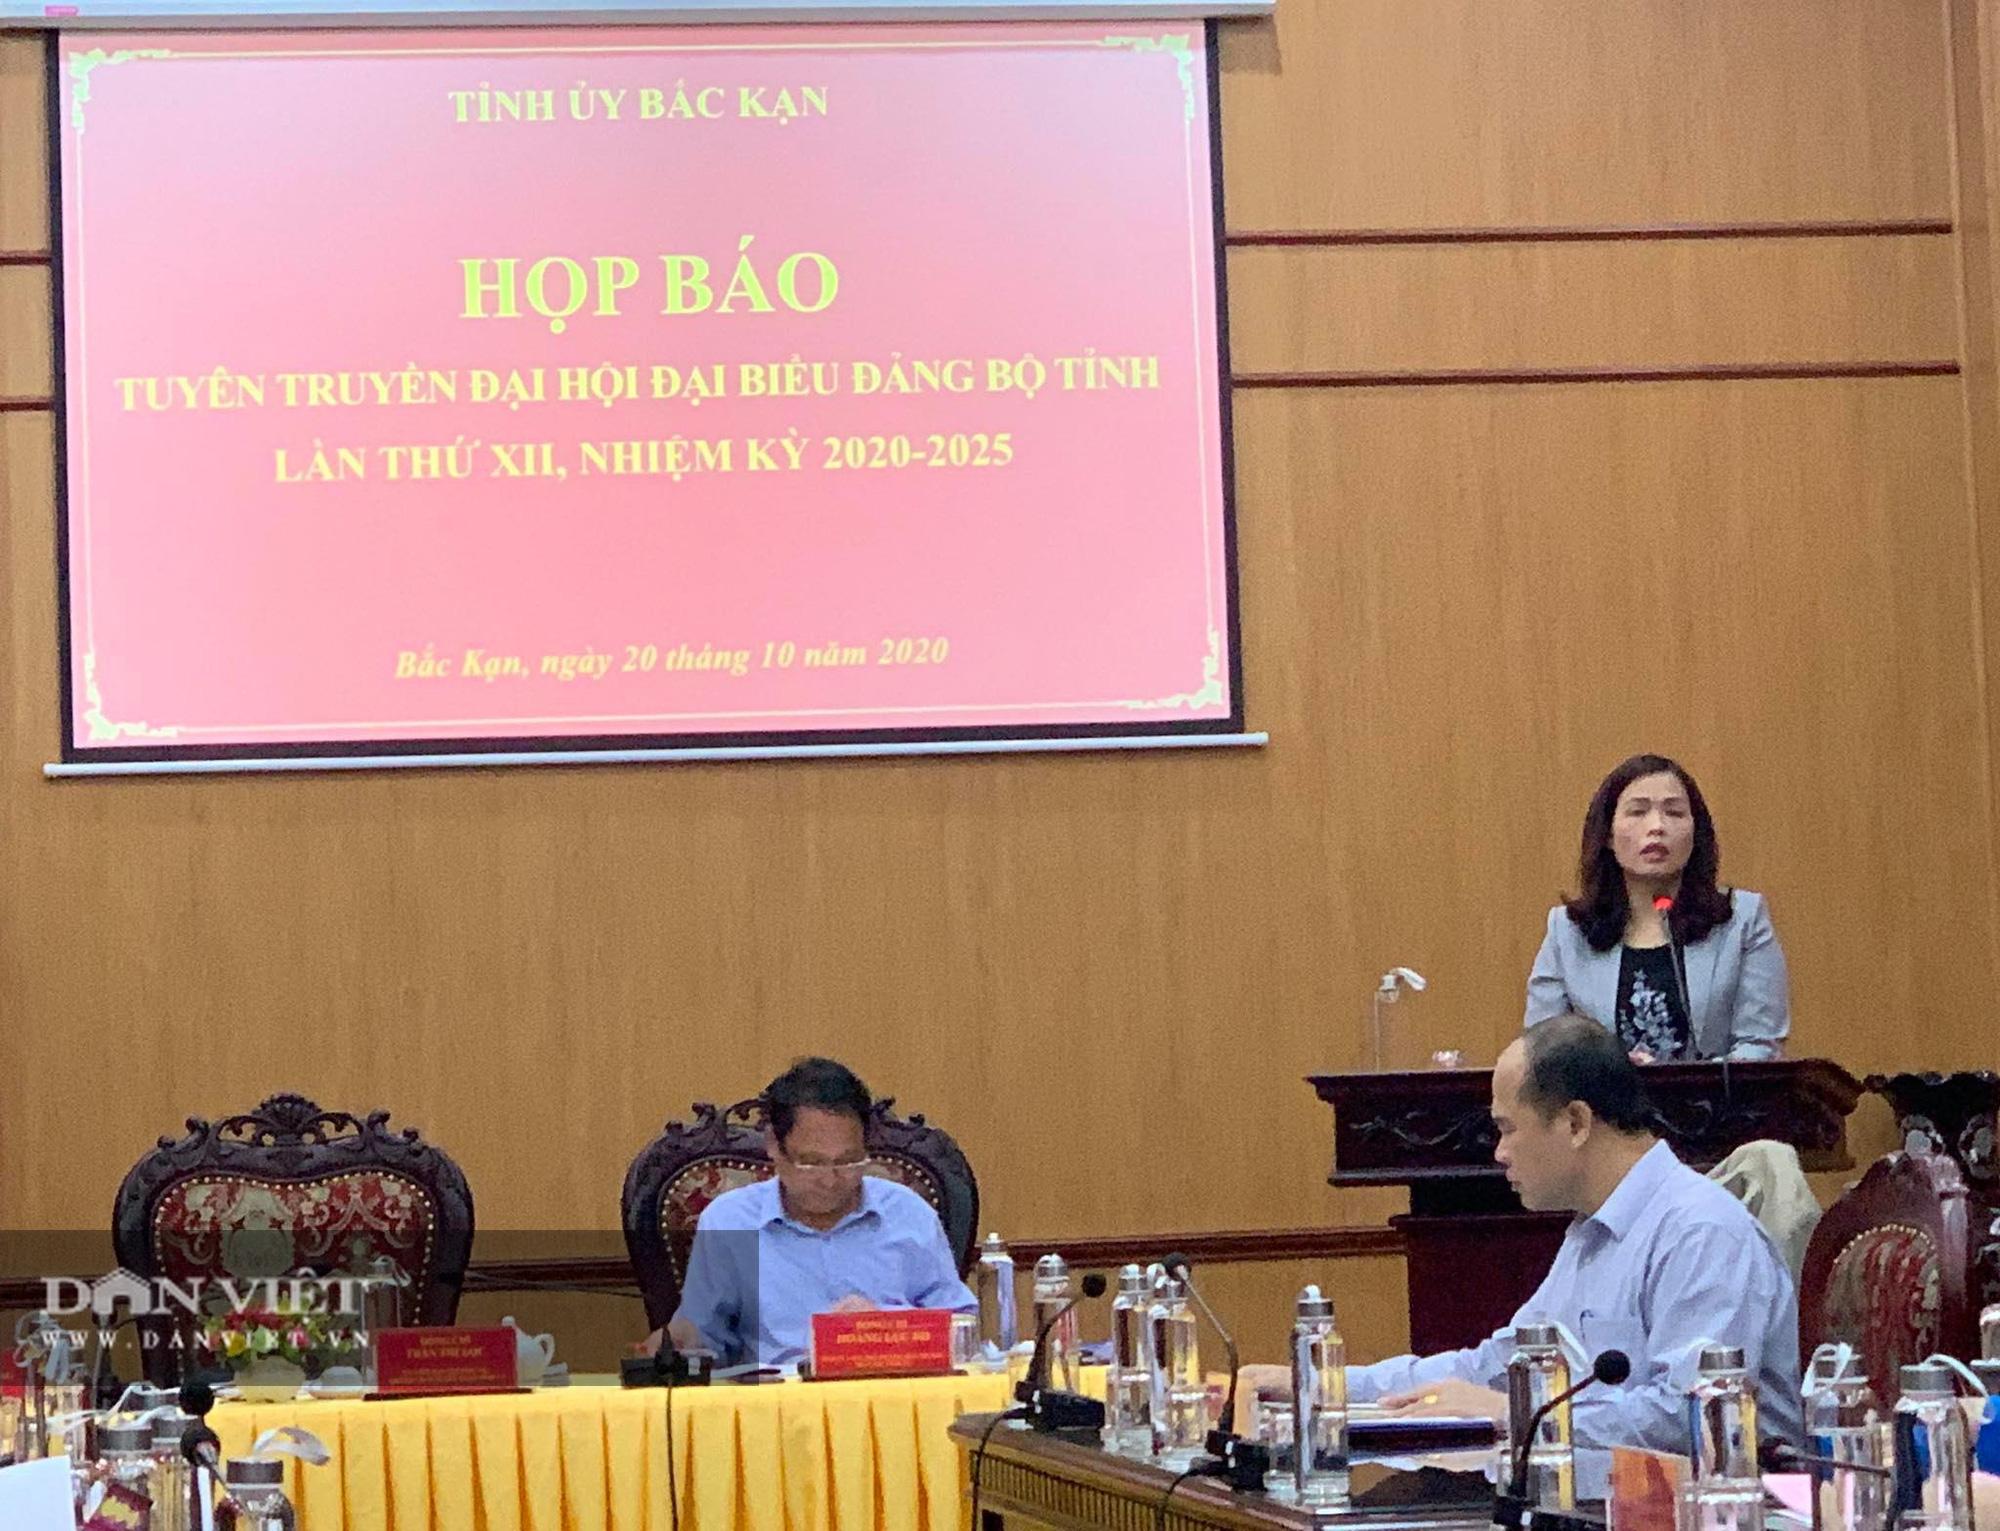 Bắc Kạn: Sẽ có 345 đại biểu tham dự Đại hội đảng bộ tỉnh - Ảnh 1.